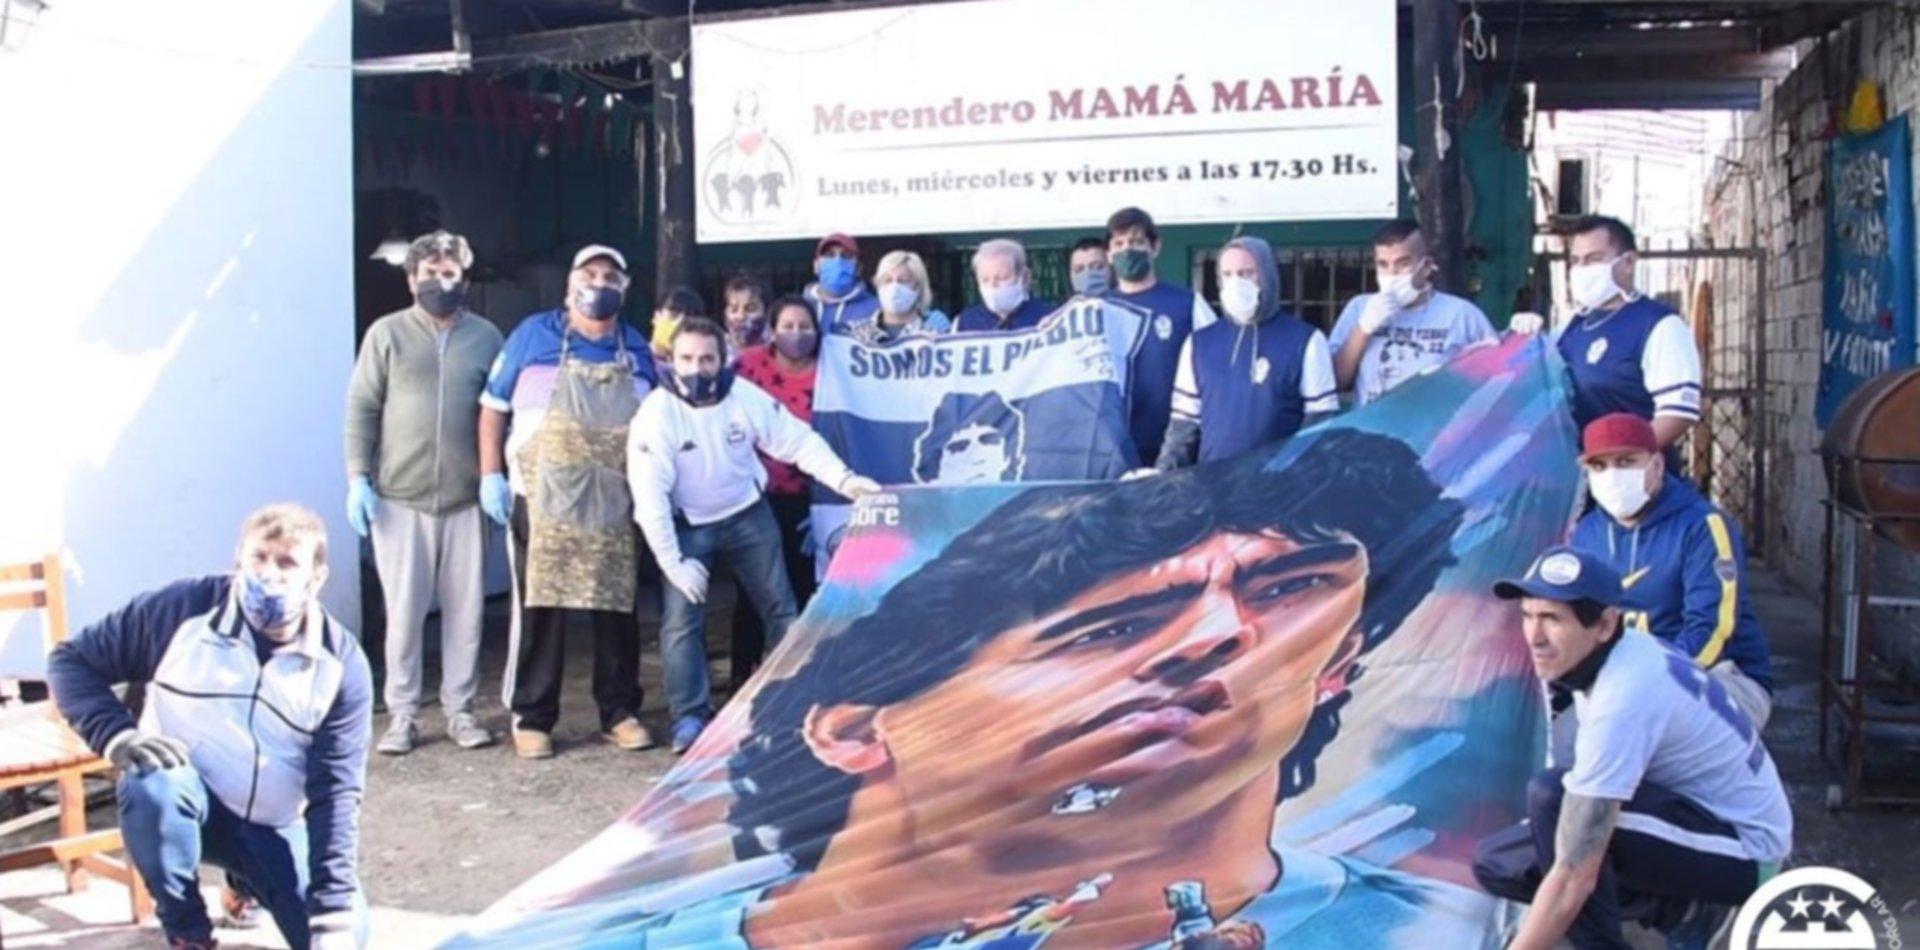 Gimnasia llevó donaciones a Villa Fiorito e hizo emocionar a Diego Maradona